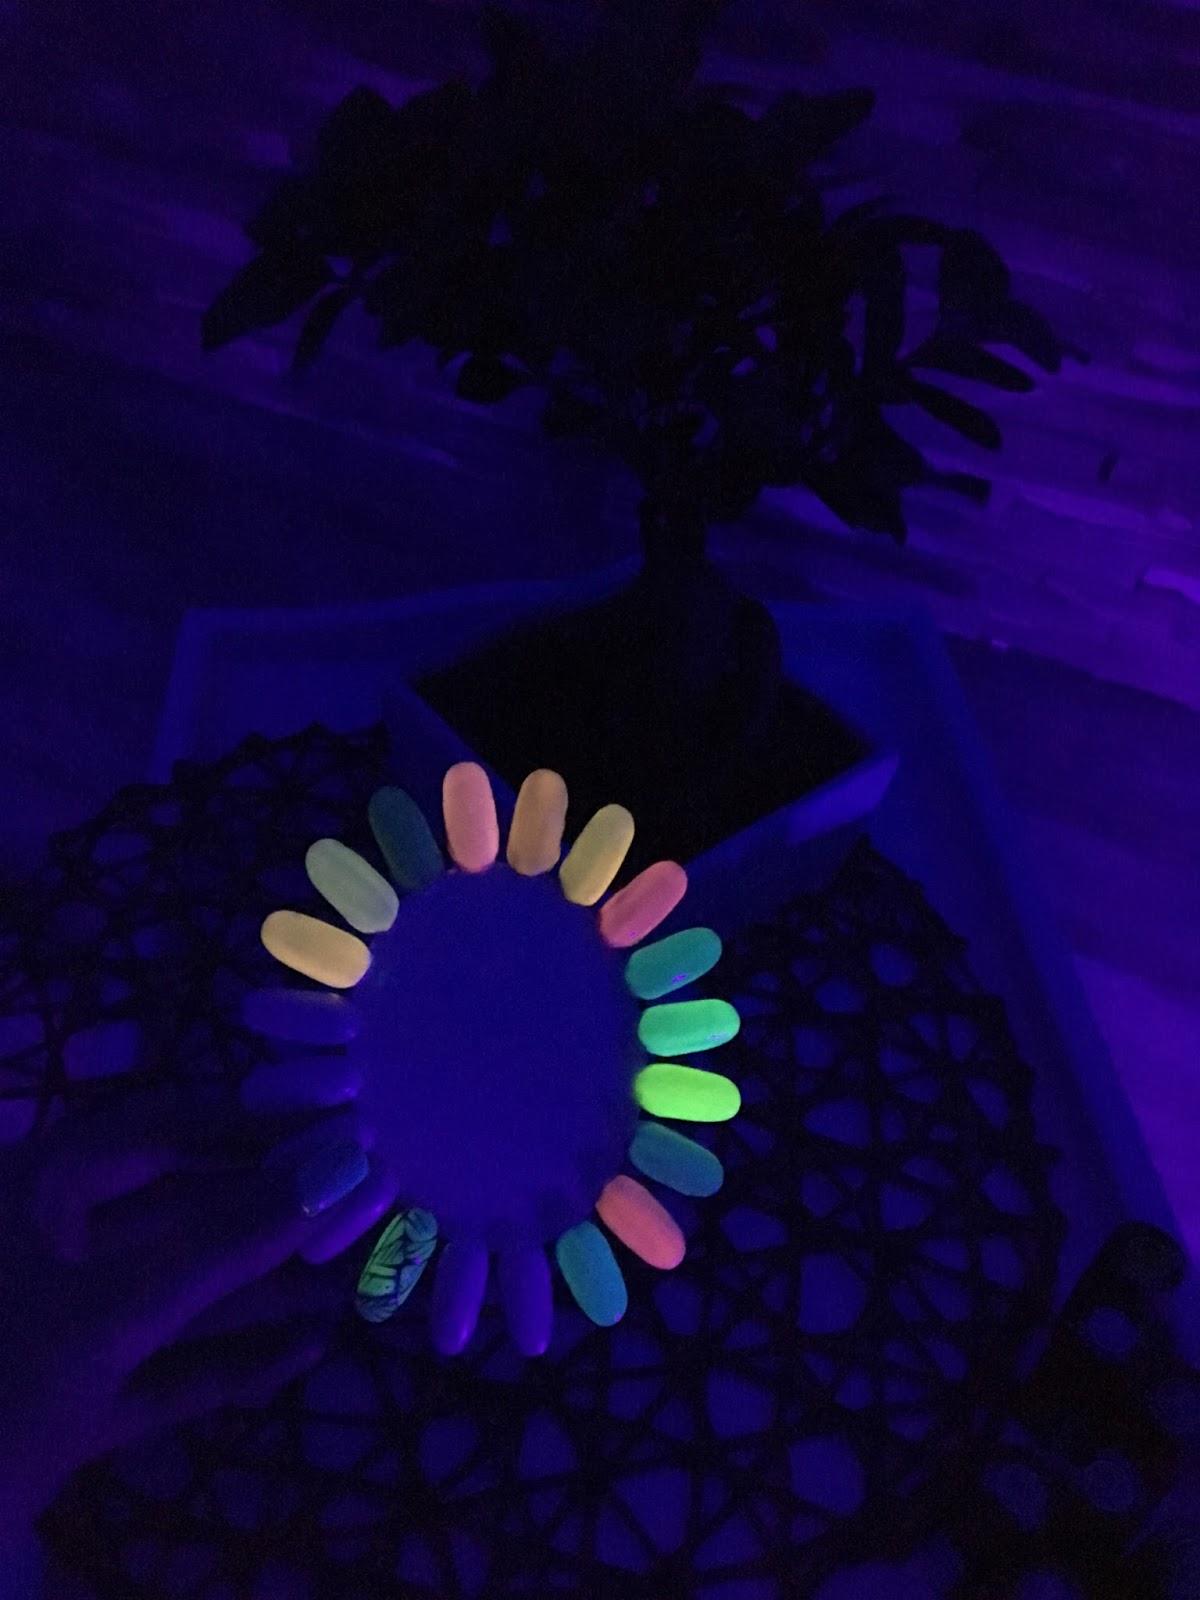 świecący lakier do paznokci